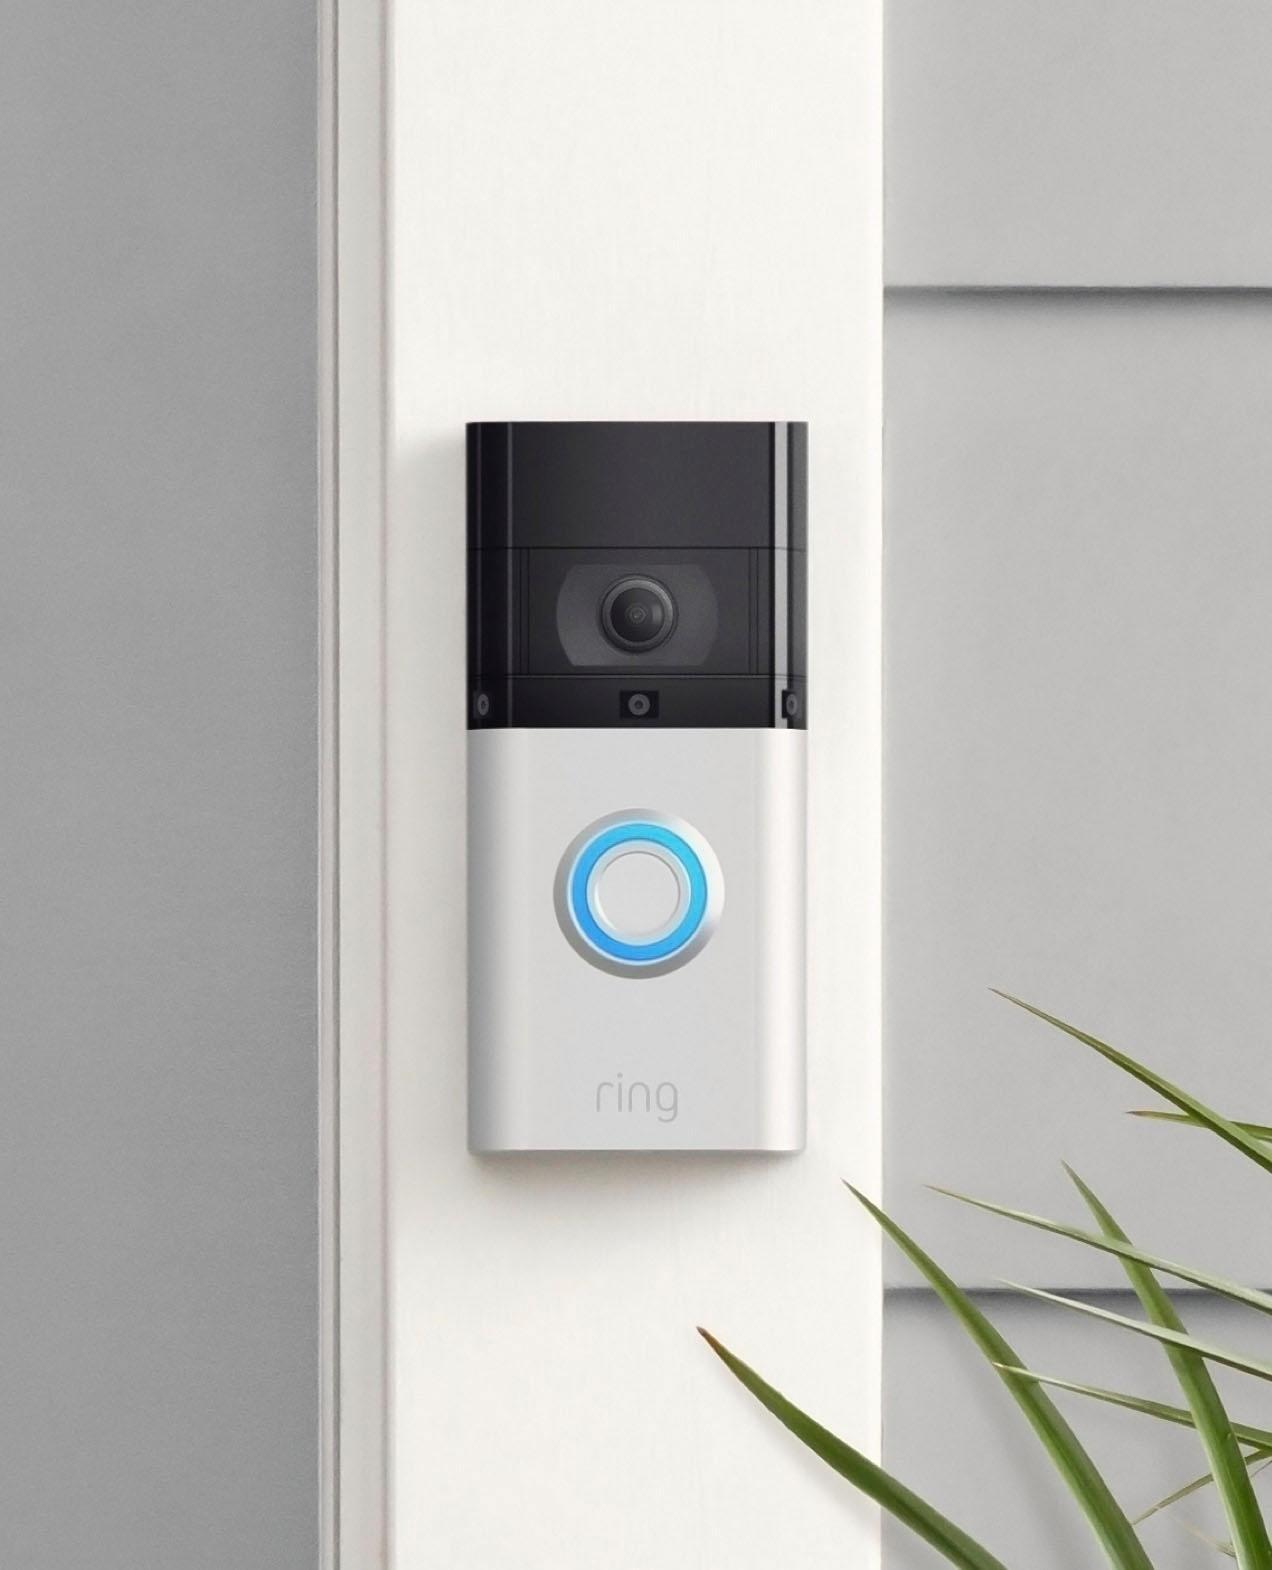 Ring »Video Doorbell 3 Plus« bewakingscamera goedkoop op otto.nl kopen